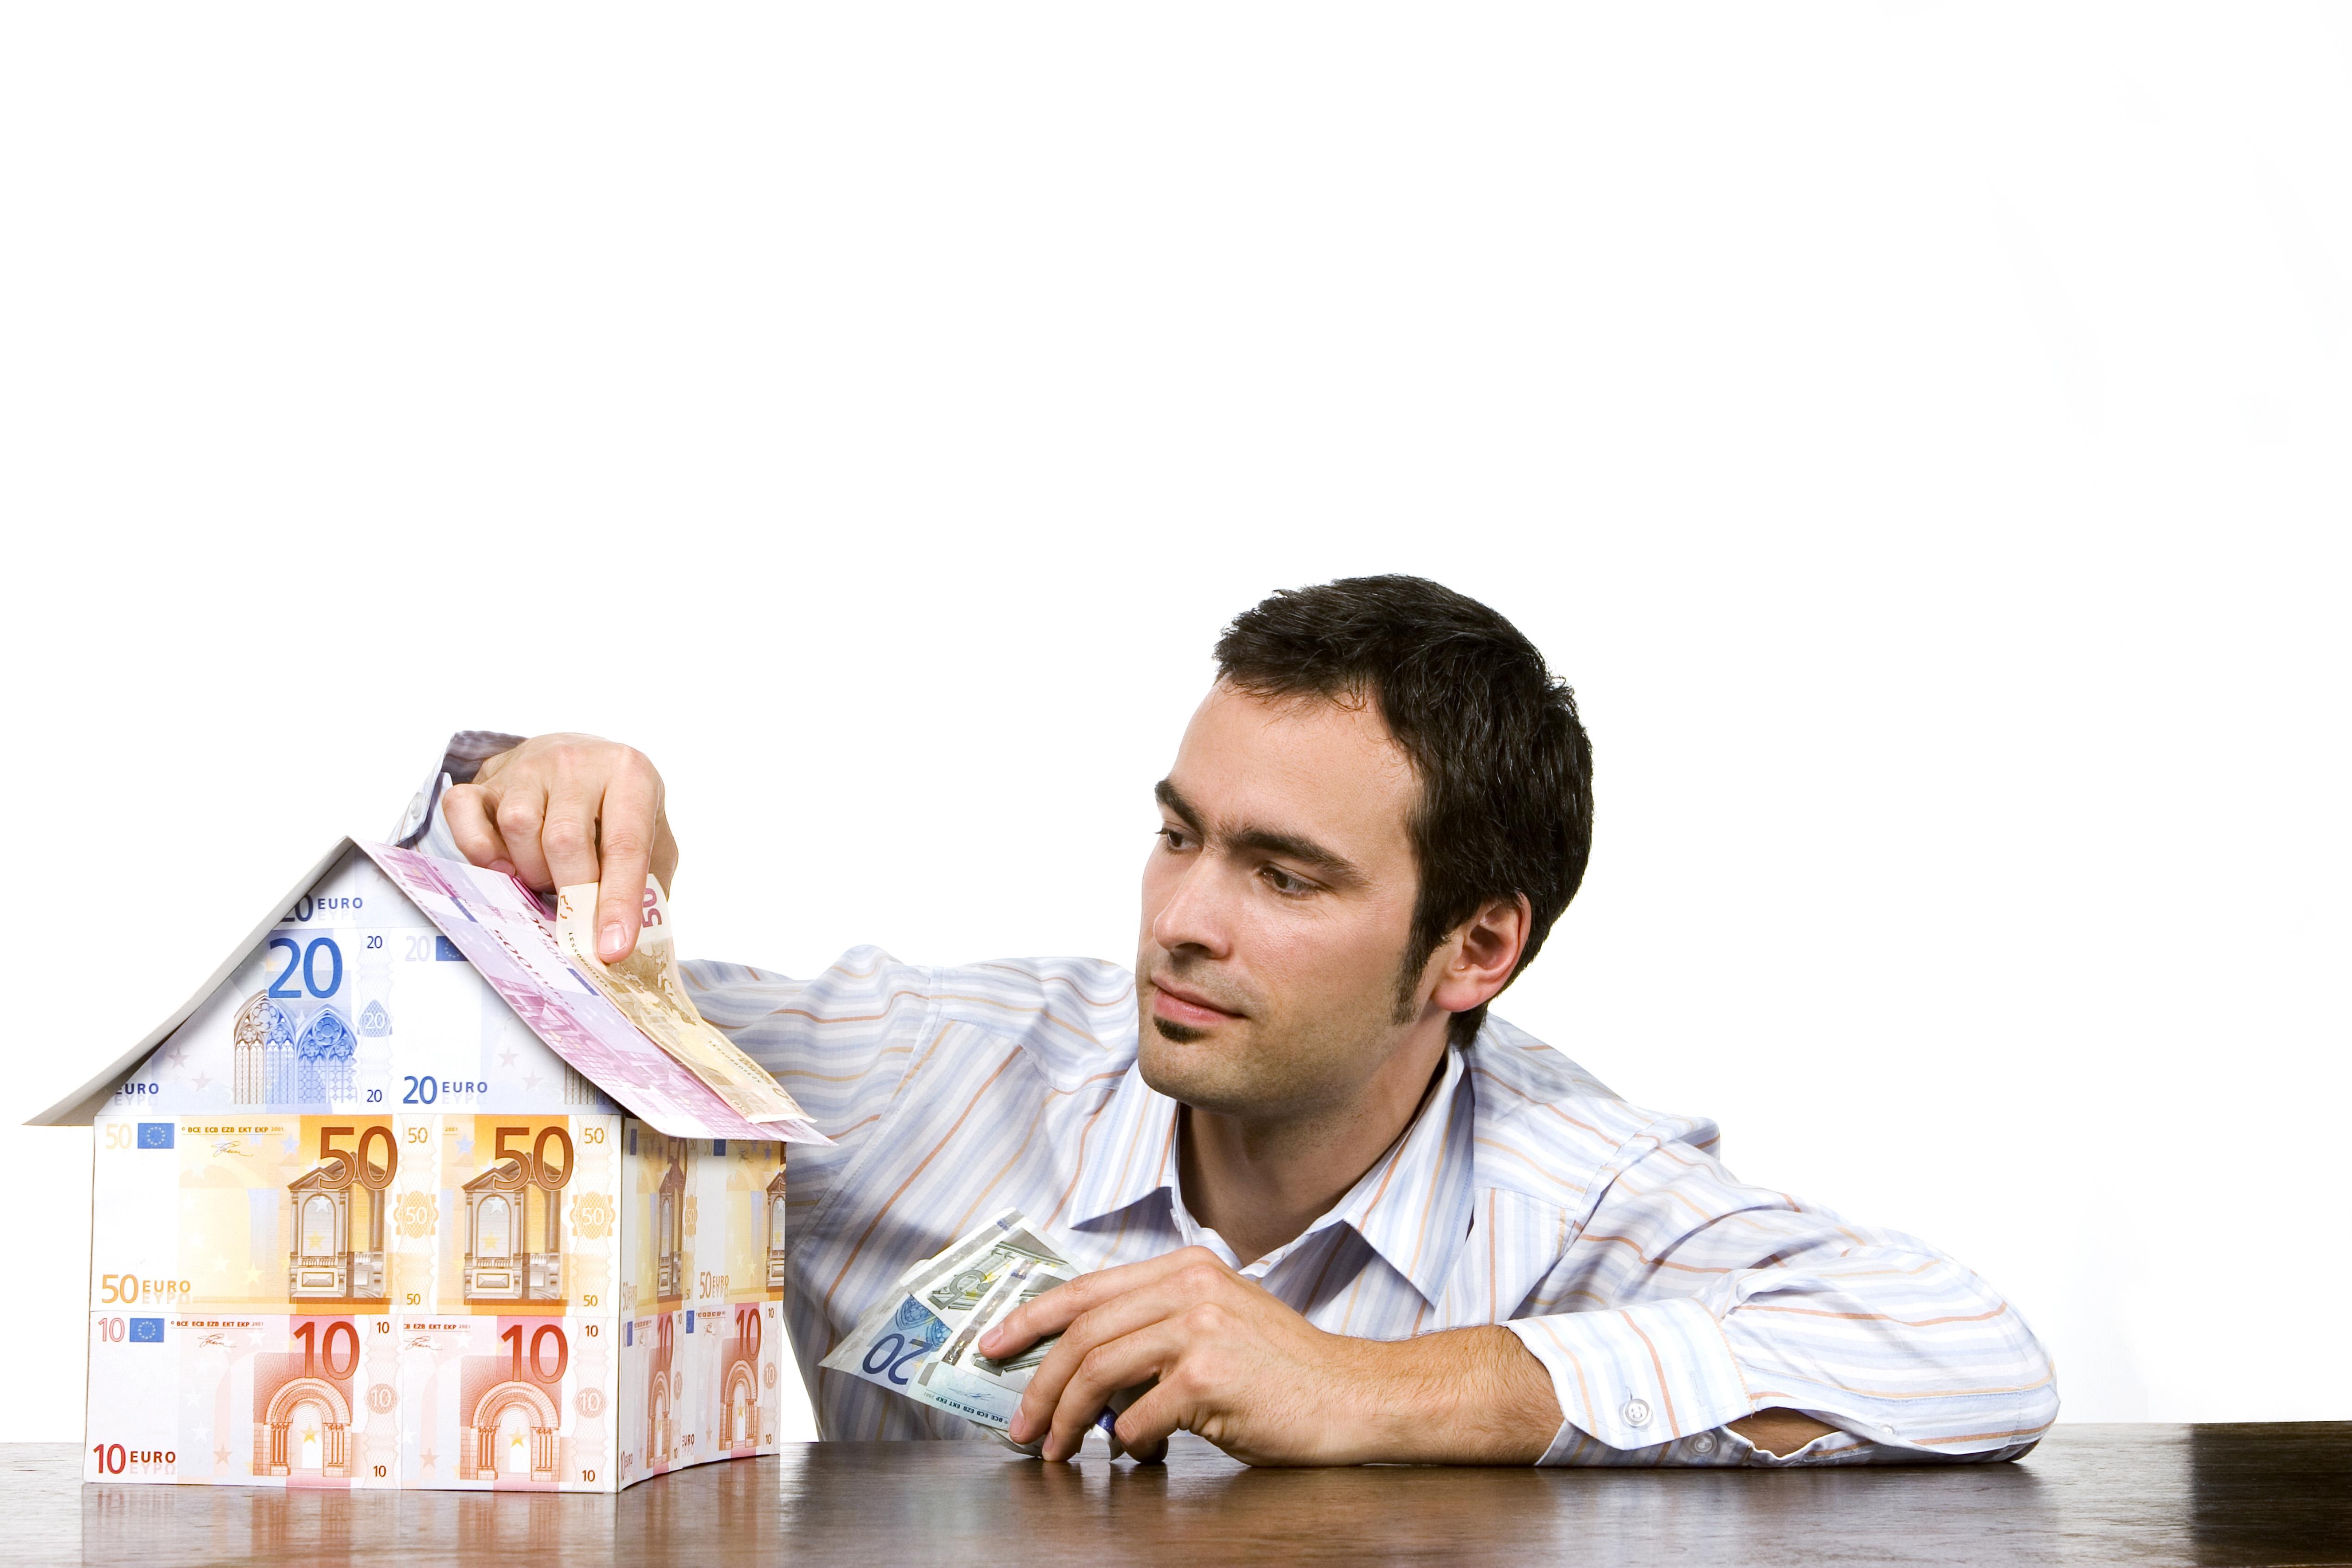 para vender hay que poner un precio acorde con la hipoteca que el banco daría a tus compradores